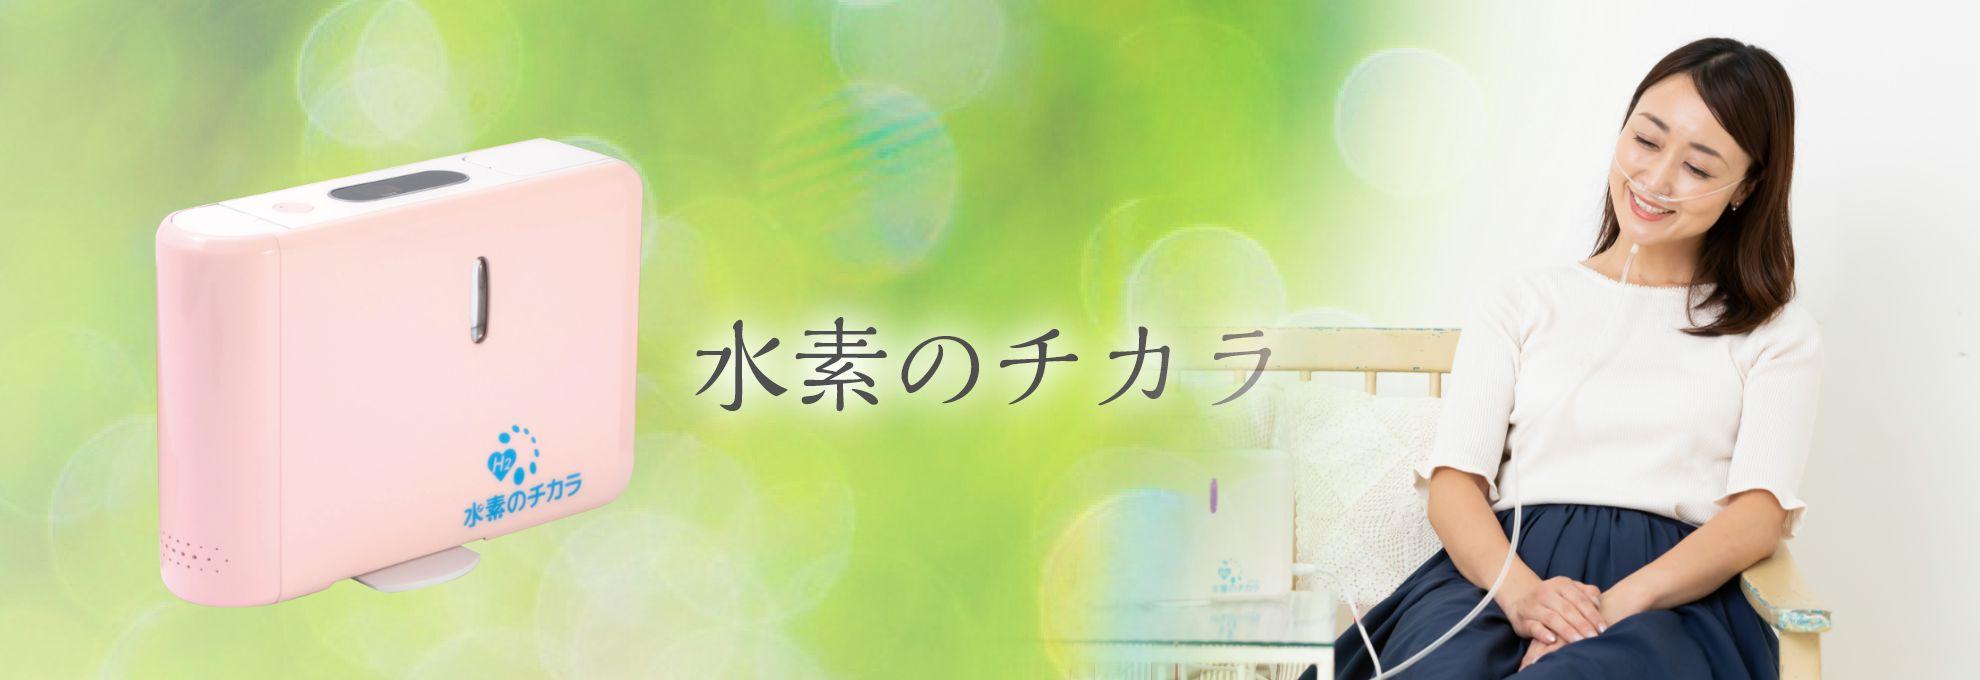 水素のチカラ|商品ラインナップ|水素の窓口